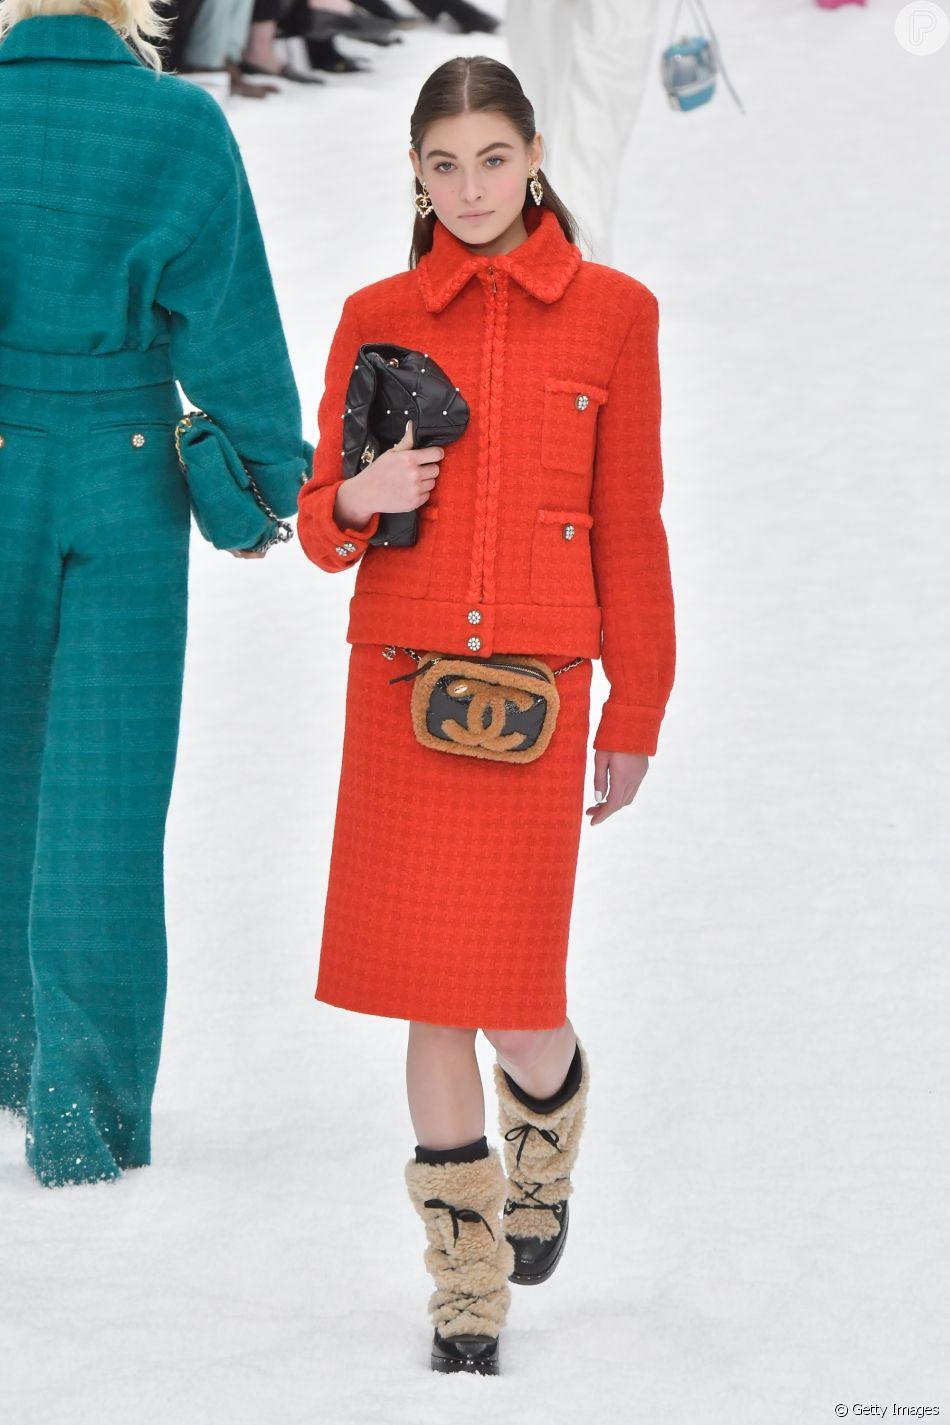 Clássico tailleur Chanel em vermelho total